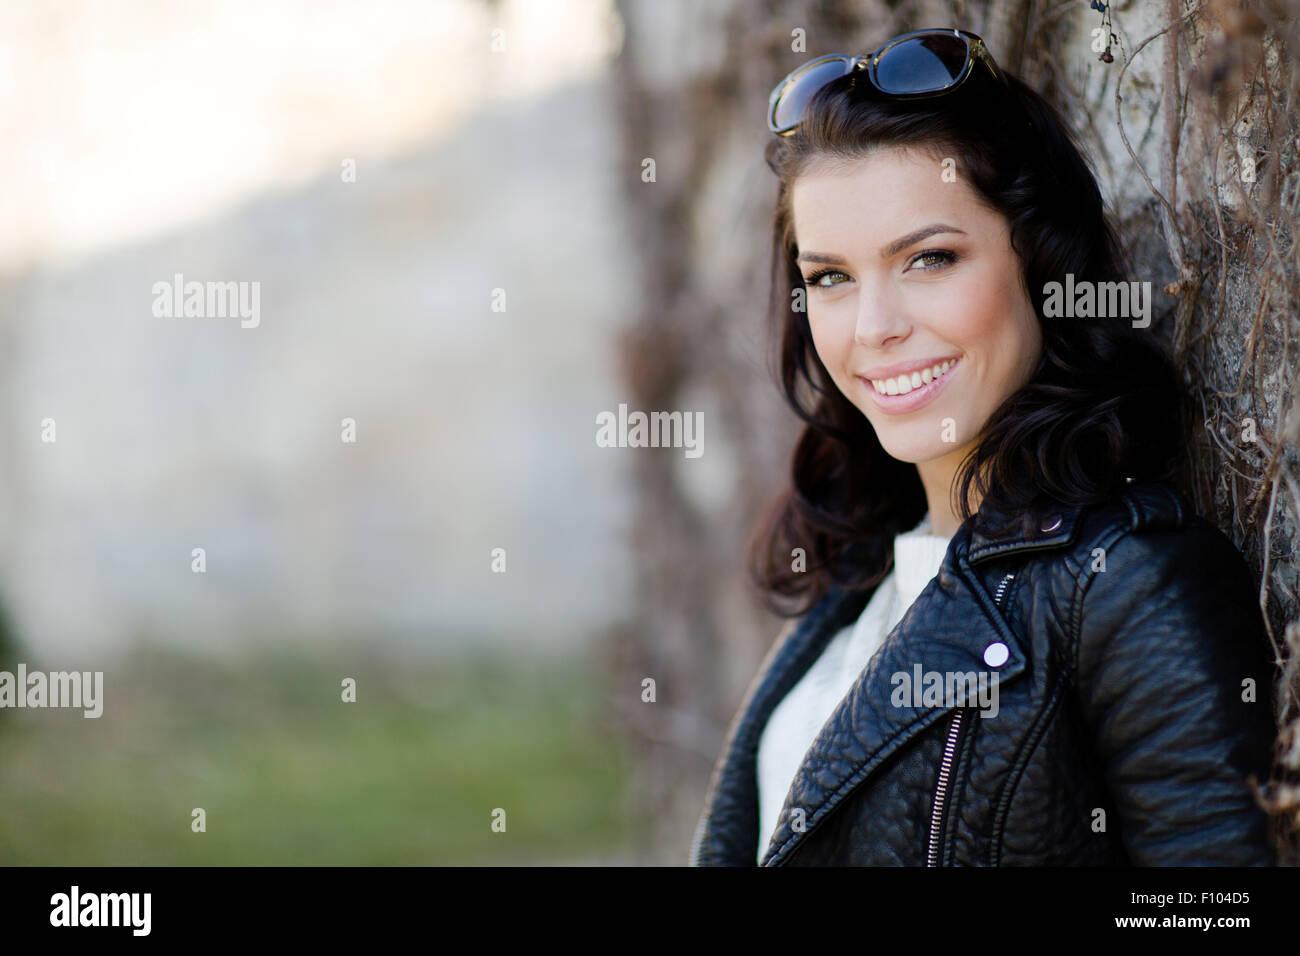 Ritratto di un sorridente, bella giovane donna appoggiata contro una parete Immagini Stock